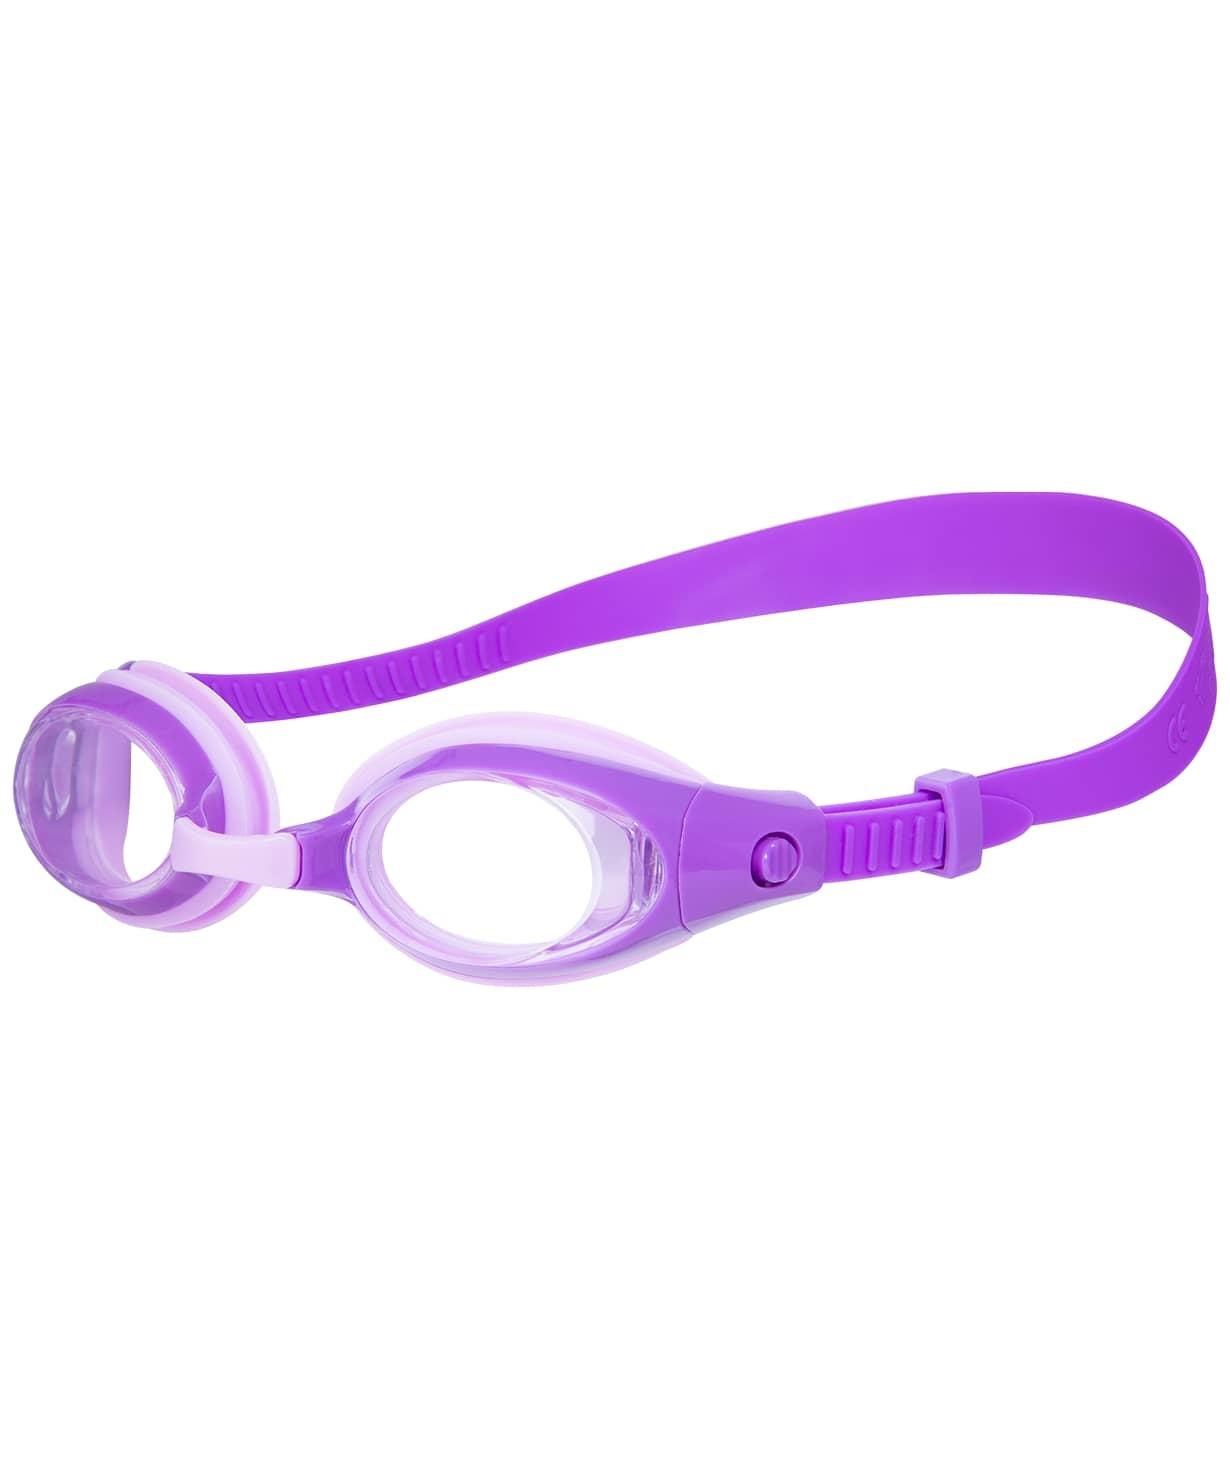 Очки для плавания Flappy Pink/Purple, детские